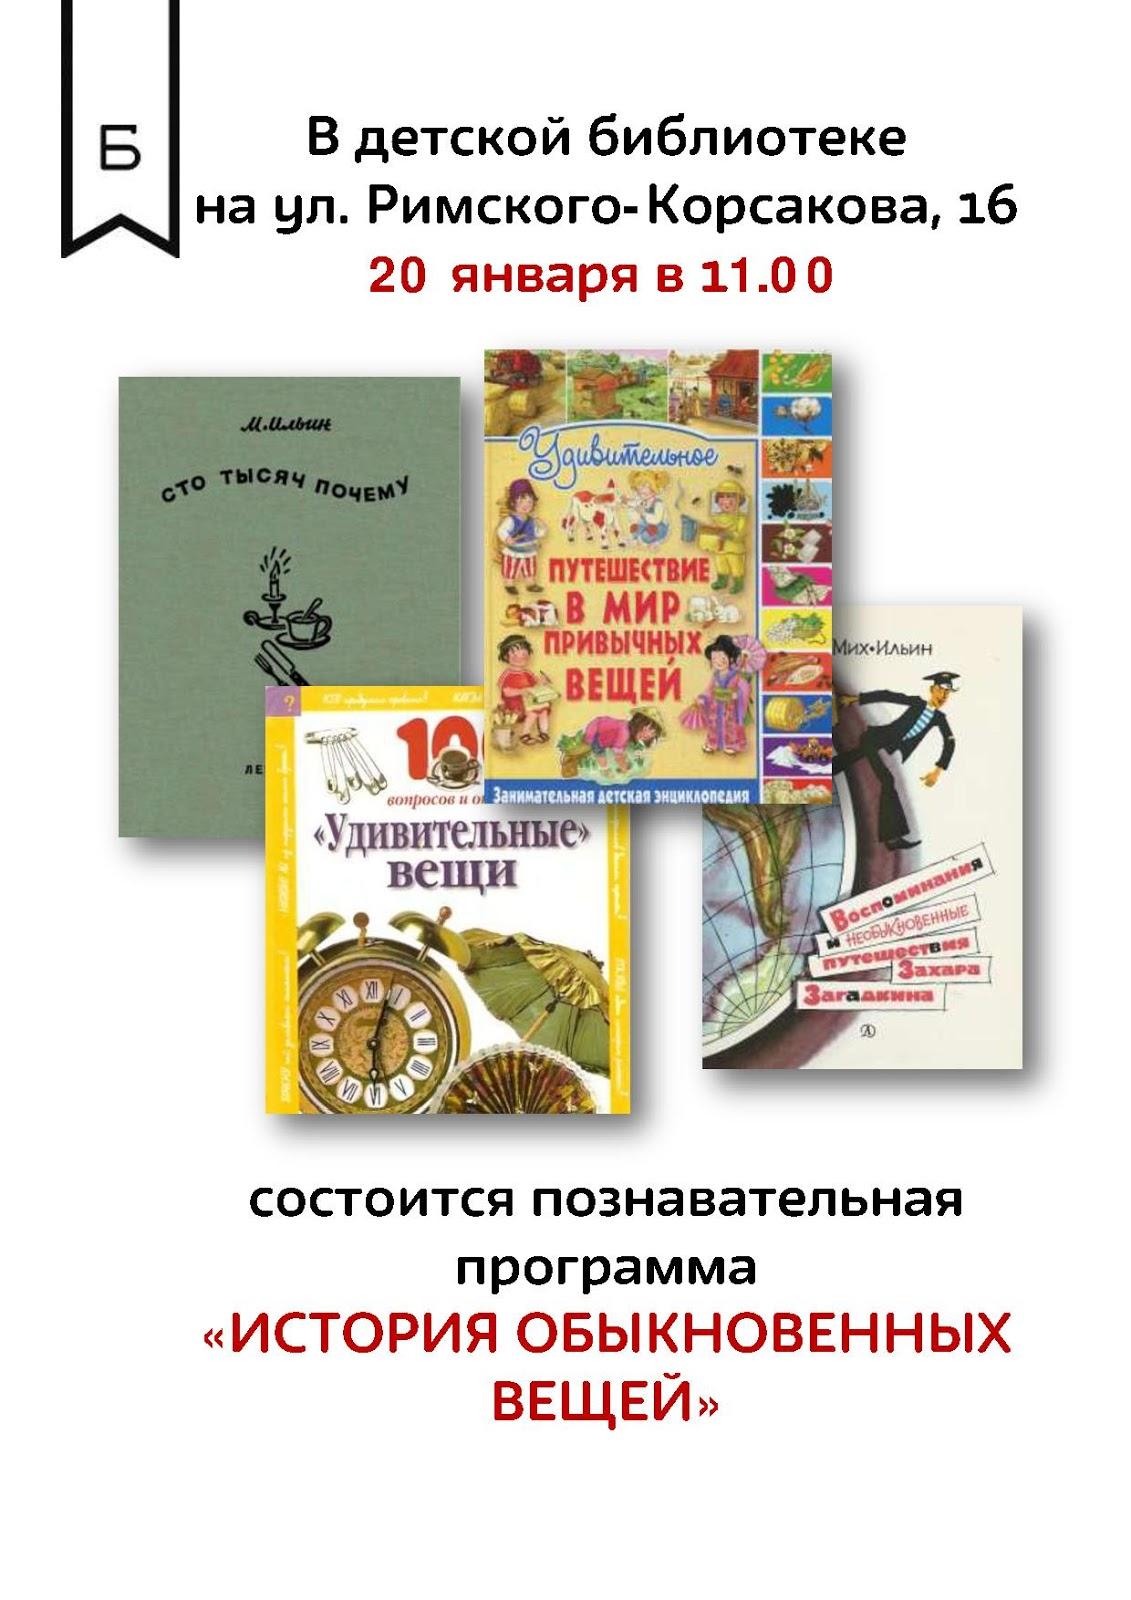 Познавательная программа для детей  состоится в библиотеке района Отрадное